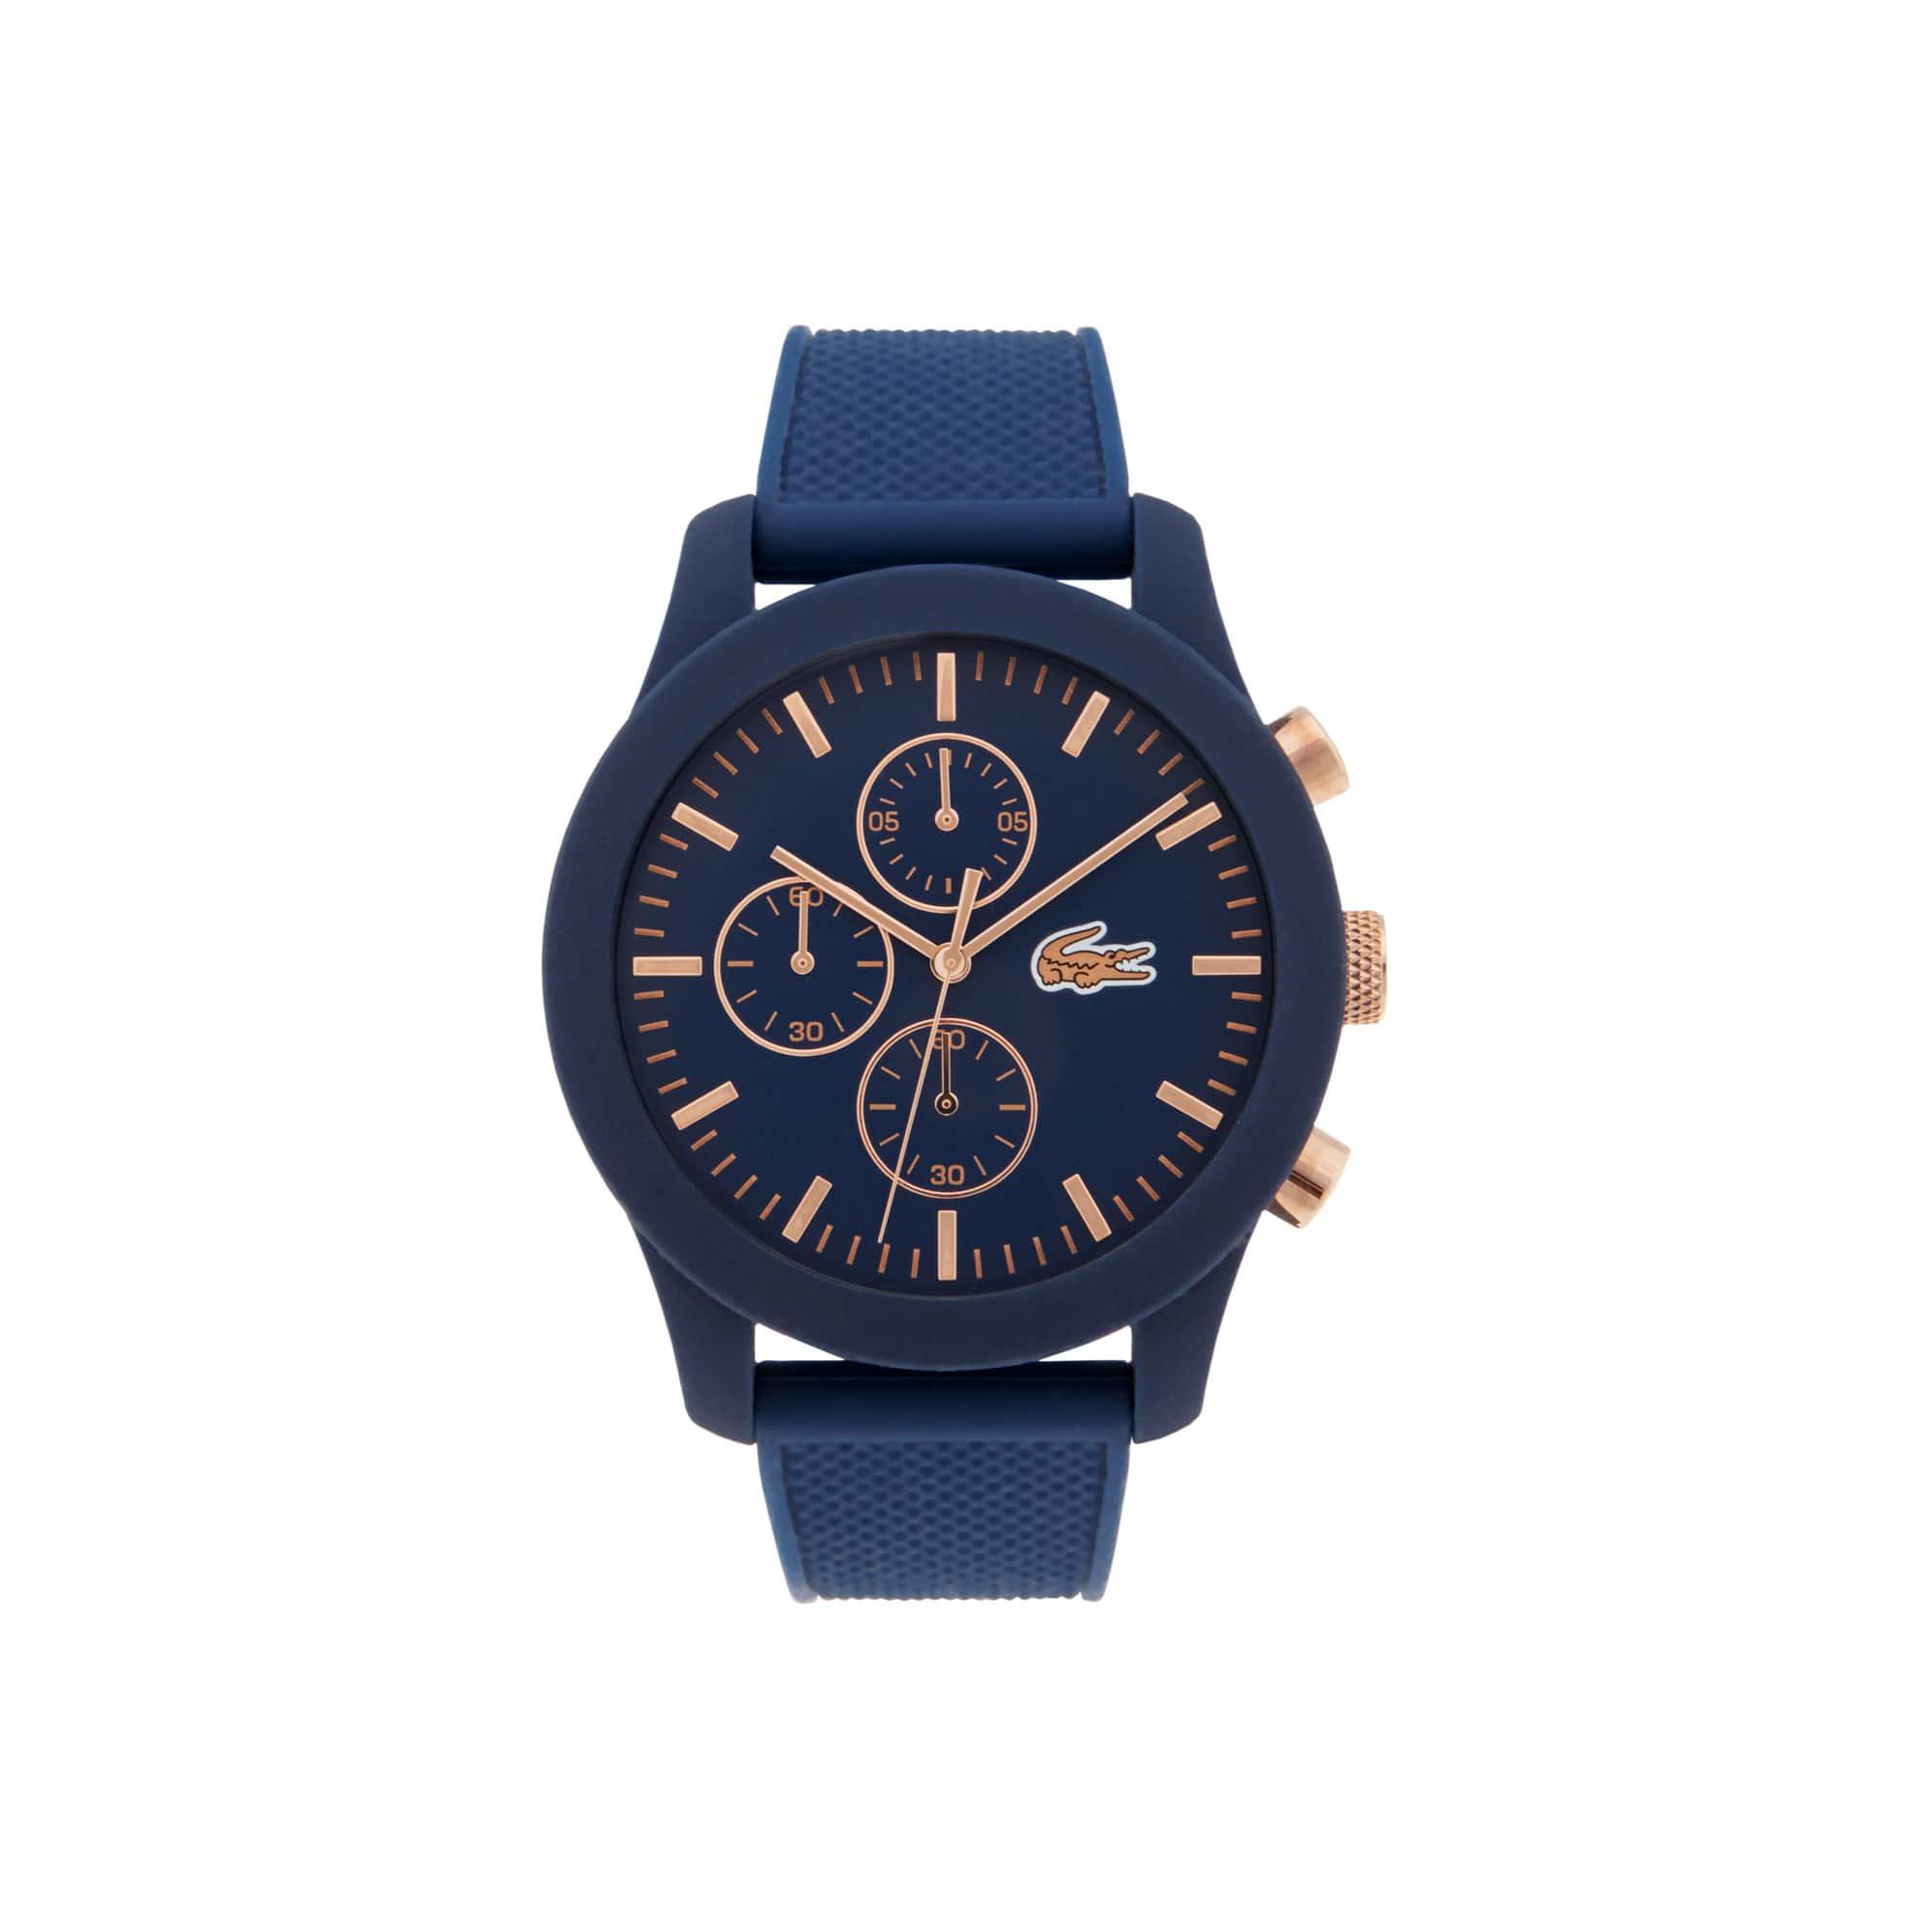 Montre Chrono Lacoste12.12 Homme avec Bracelet Bleu en Silicone